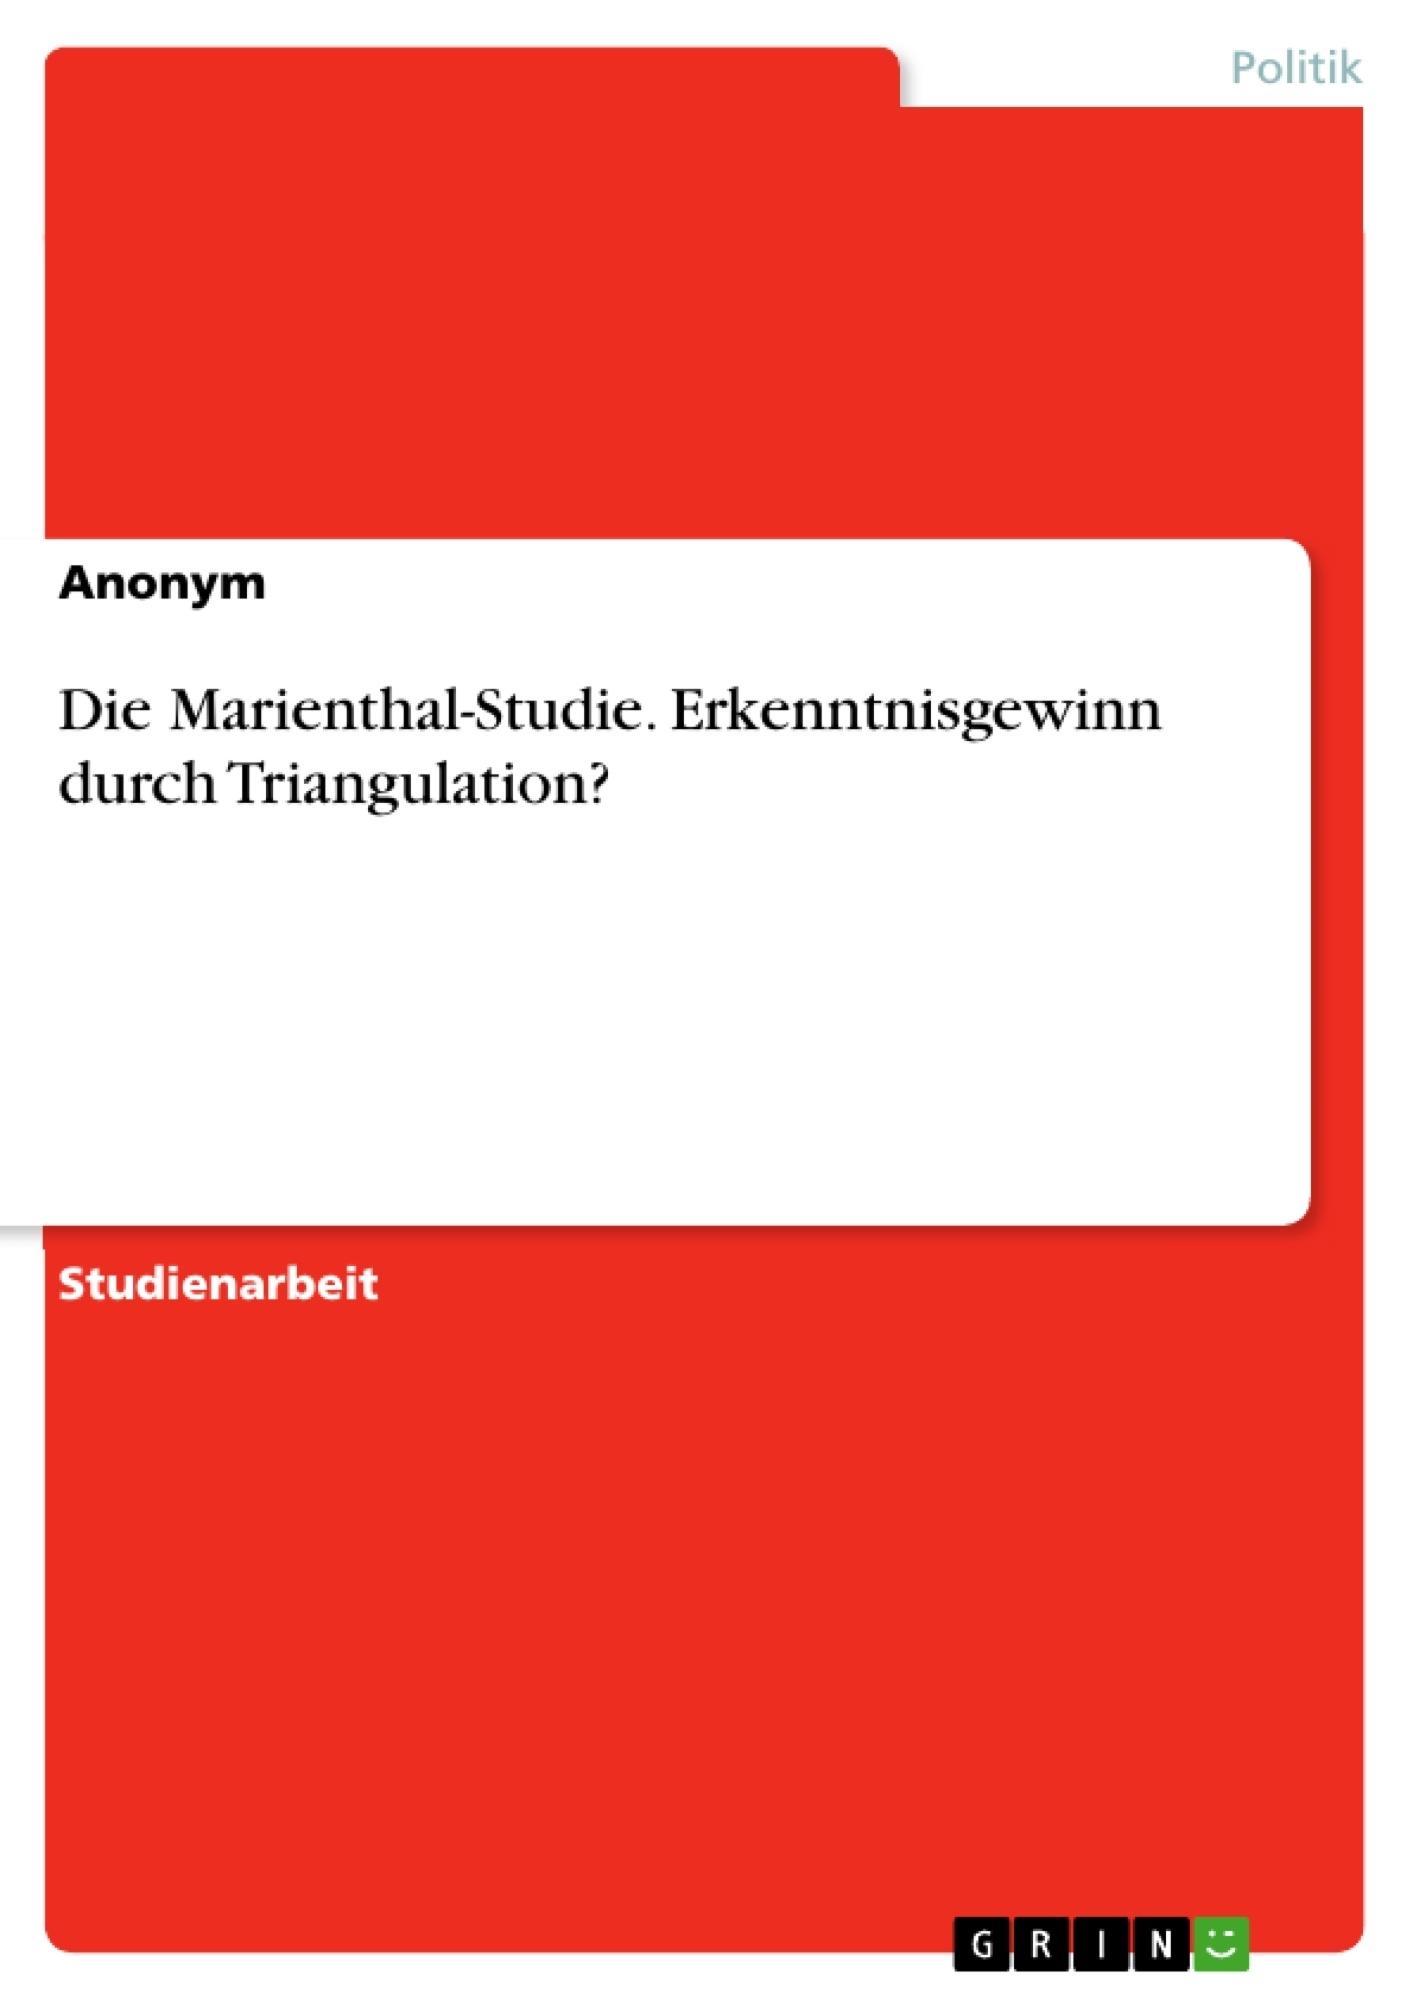 Titel: Die Marienthal-Studie. Erkenntnisgewinn durch Triangulation?